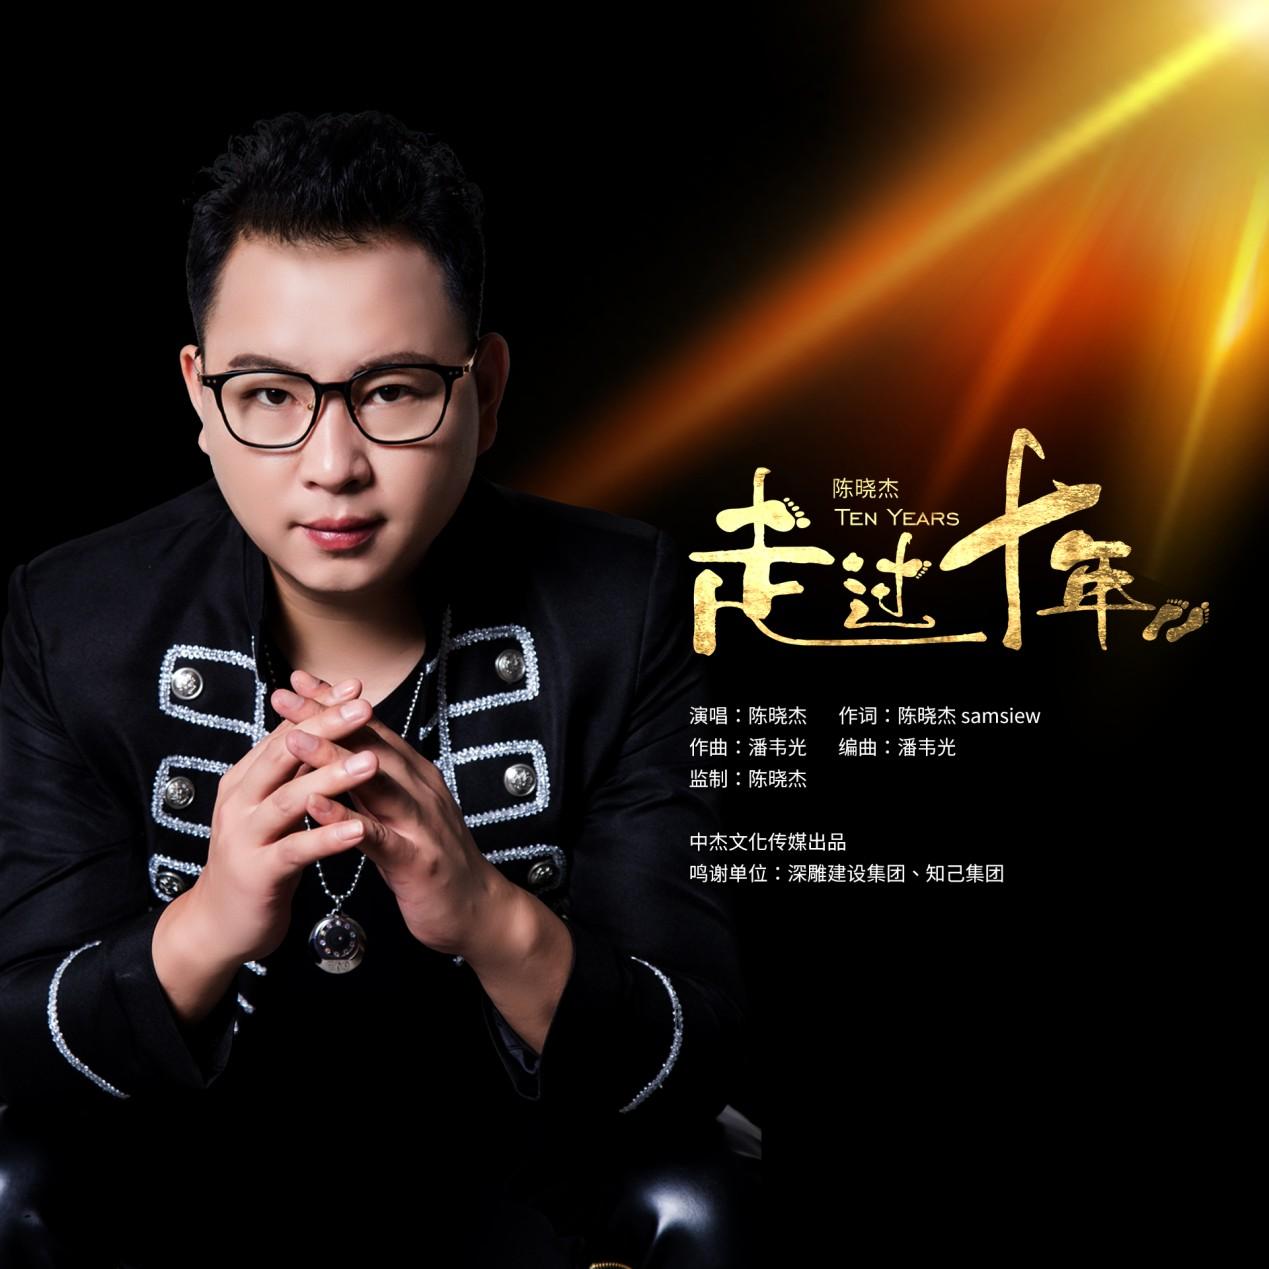 陈晓杰粤语励志歌曲《走过十年》发行首日畅销冠军